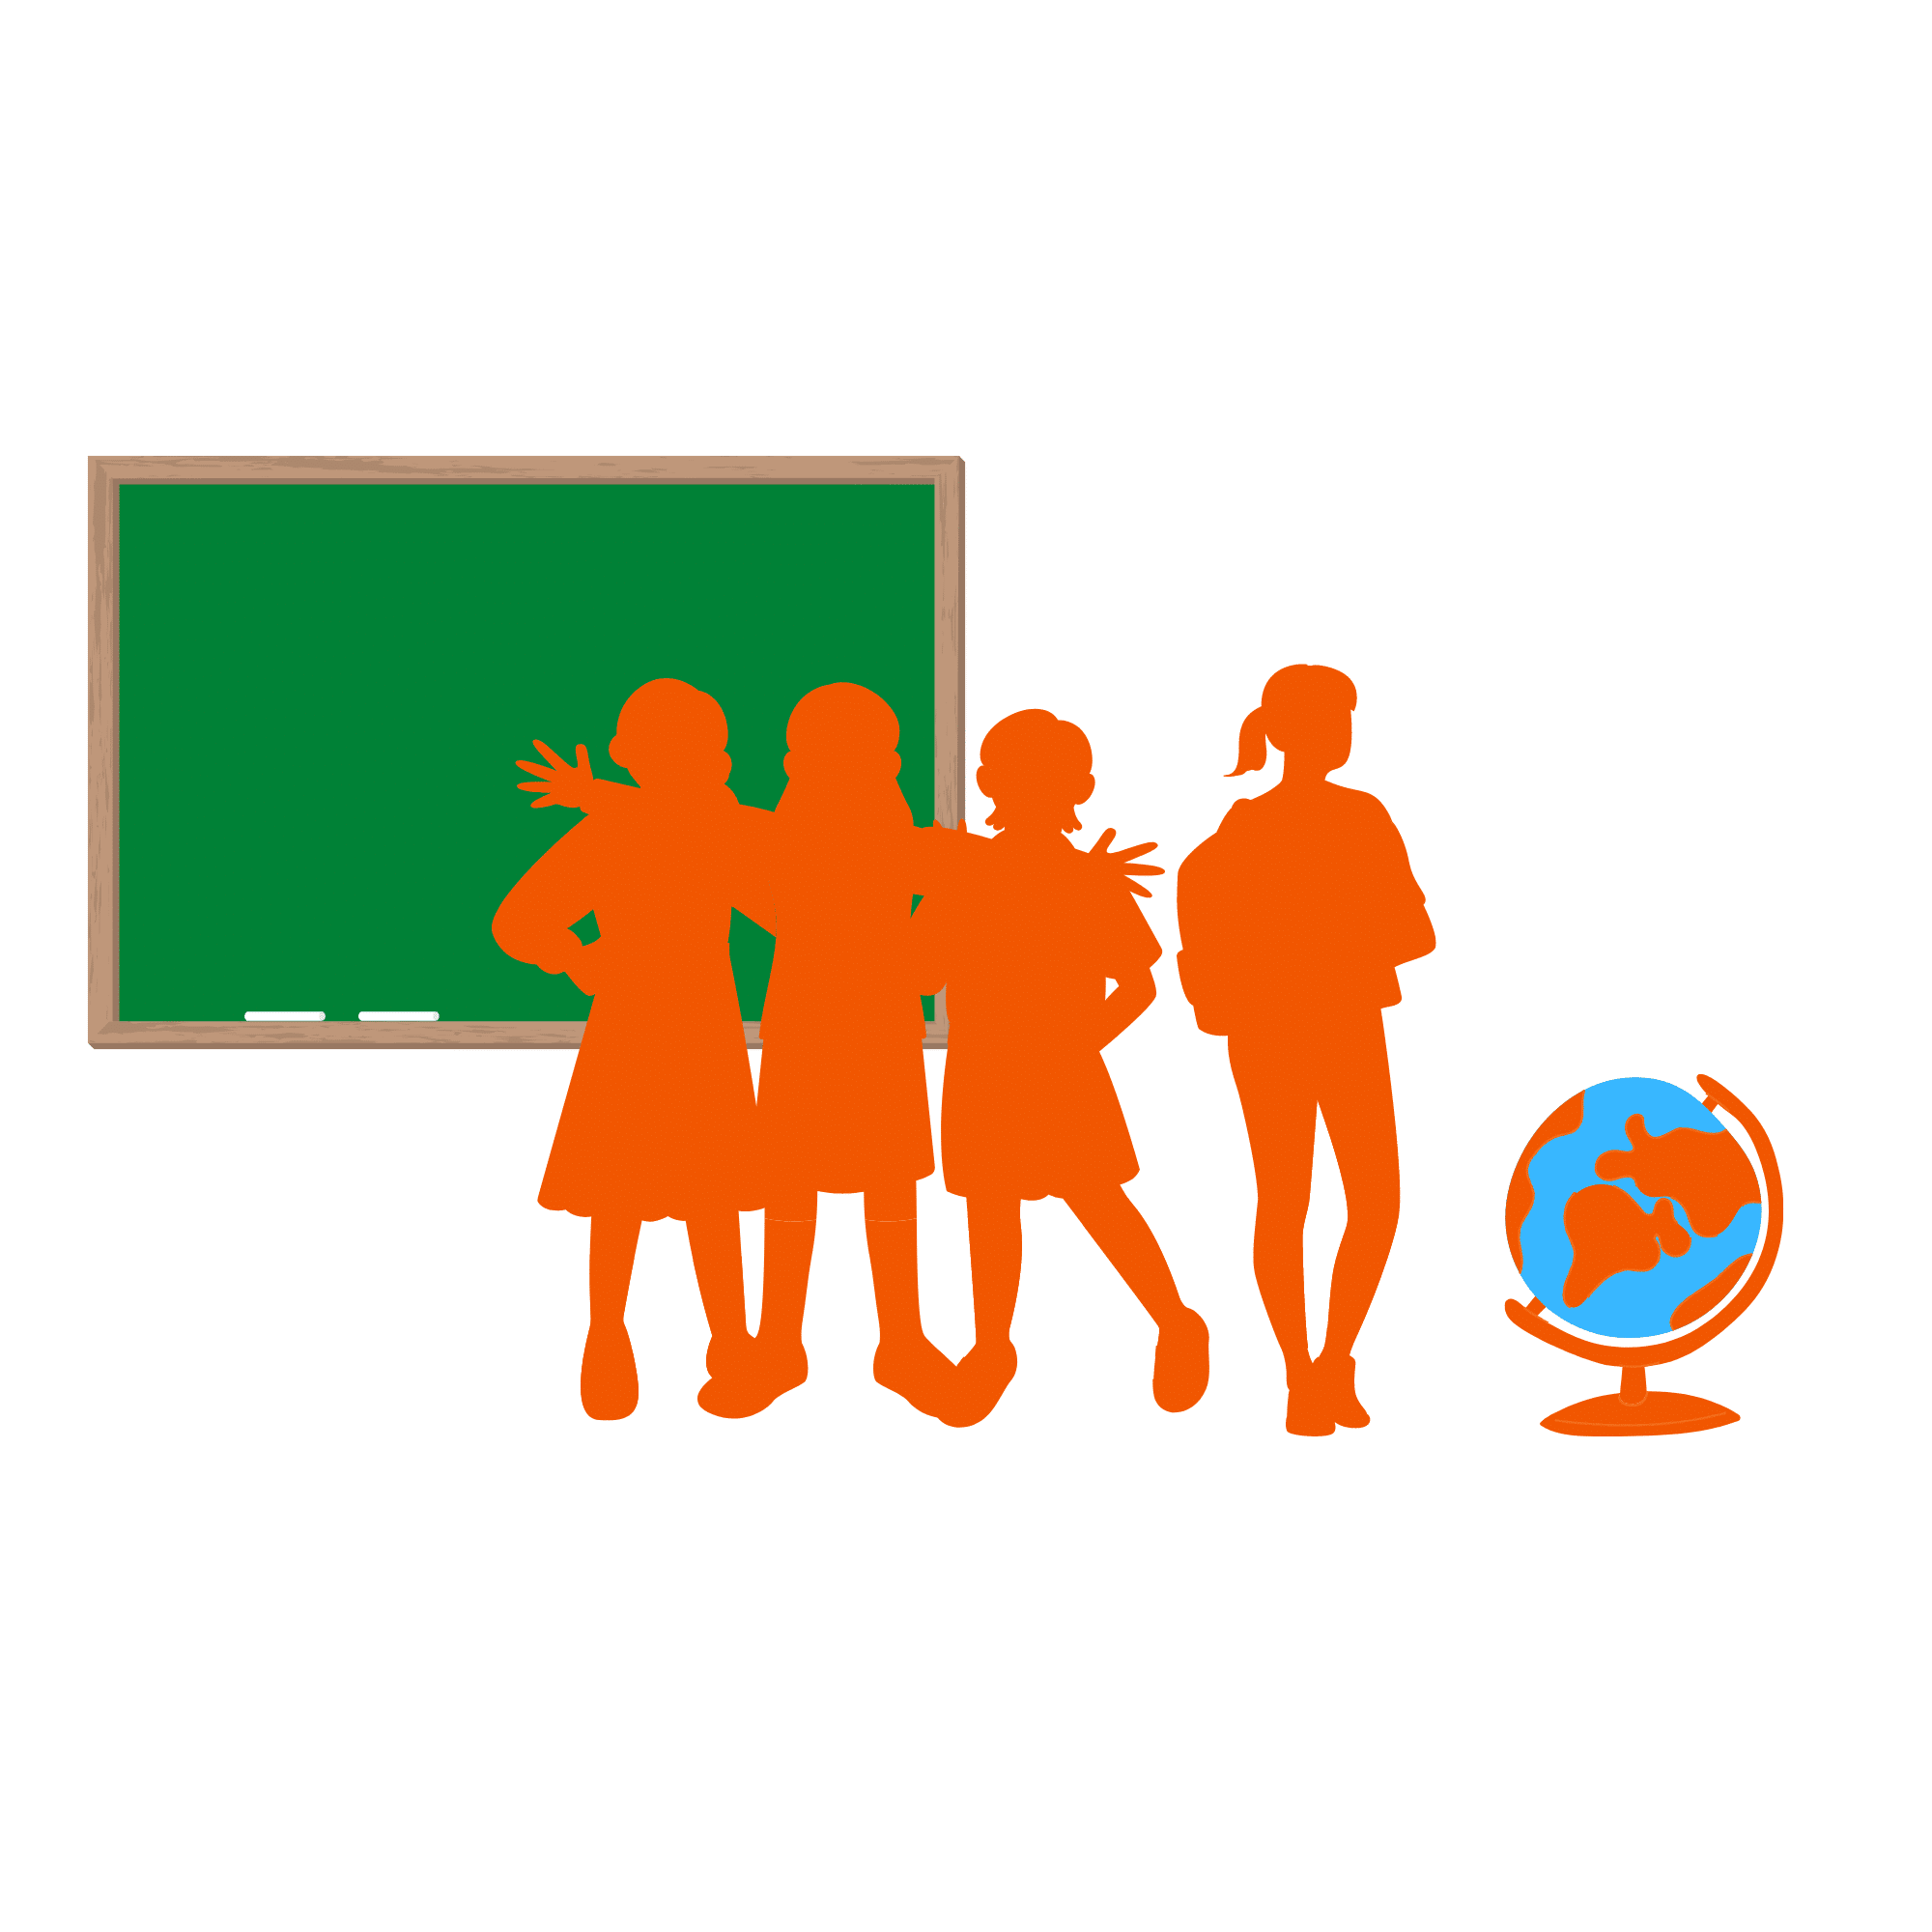 vier Schulkinder stehen vor einer Tafel